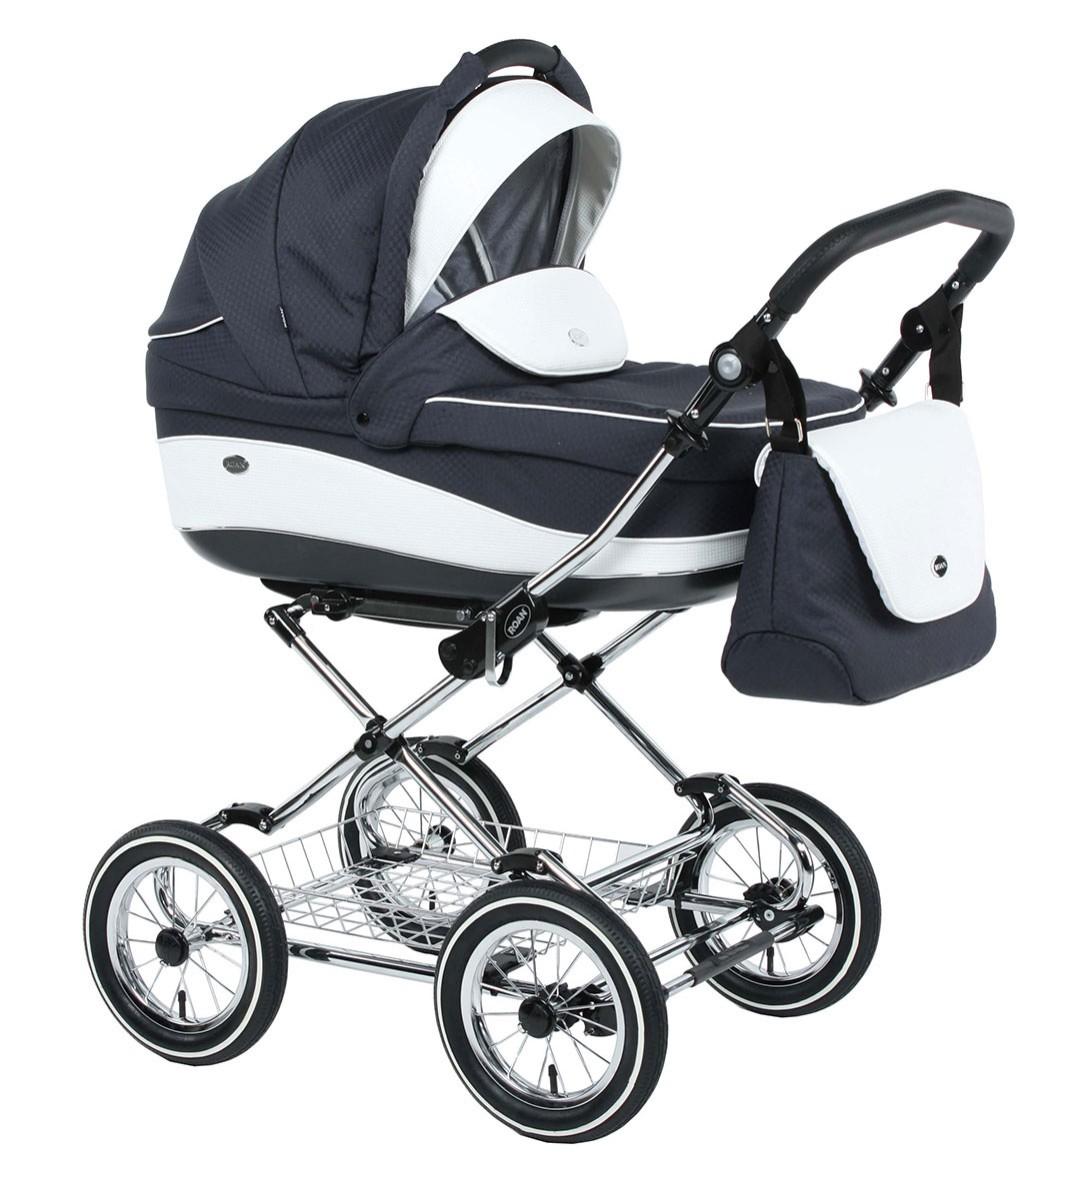 Детская коляска для новорожденных 3 в 1, Roan Emma - Роан Эмма, самая модная коляска для новорожденных, модные коляски, купить коляску для новорожденного, детские коляски роан, детские коляски roan, Roan Emma, цвет RP11